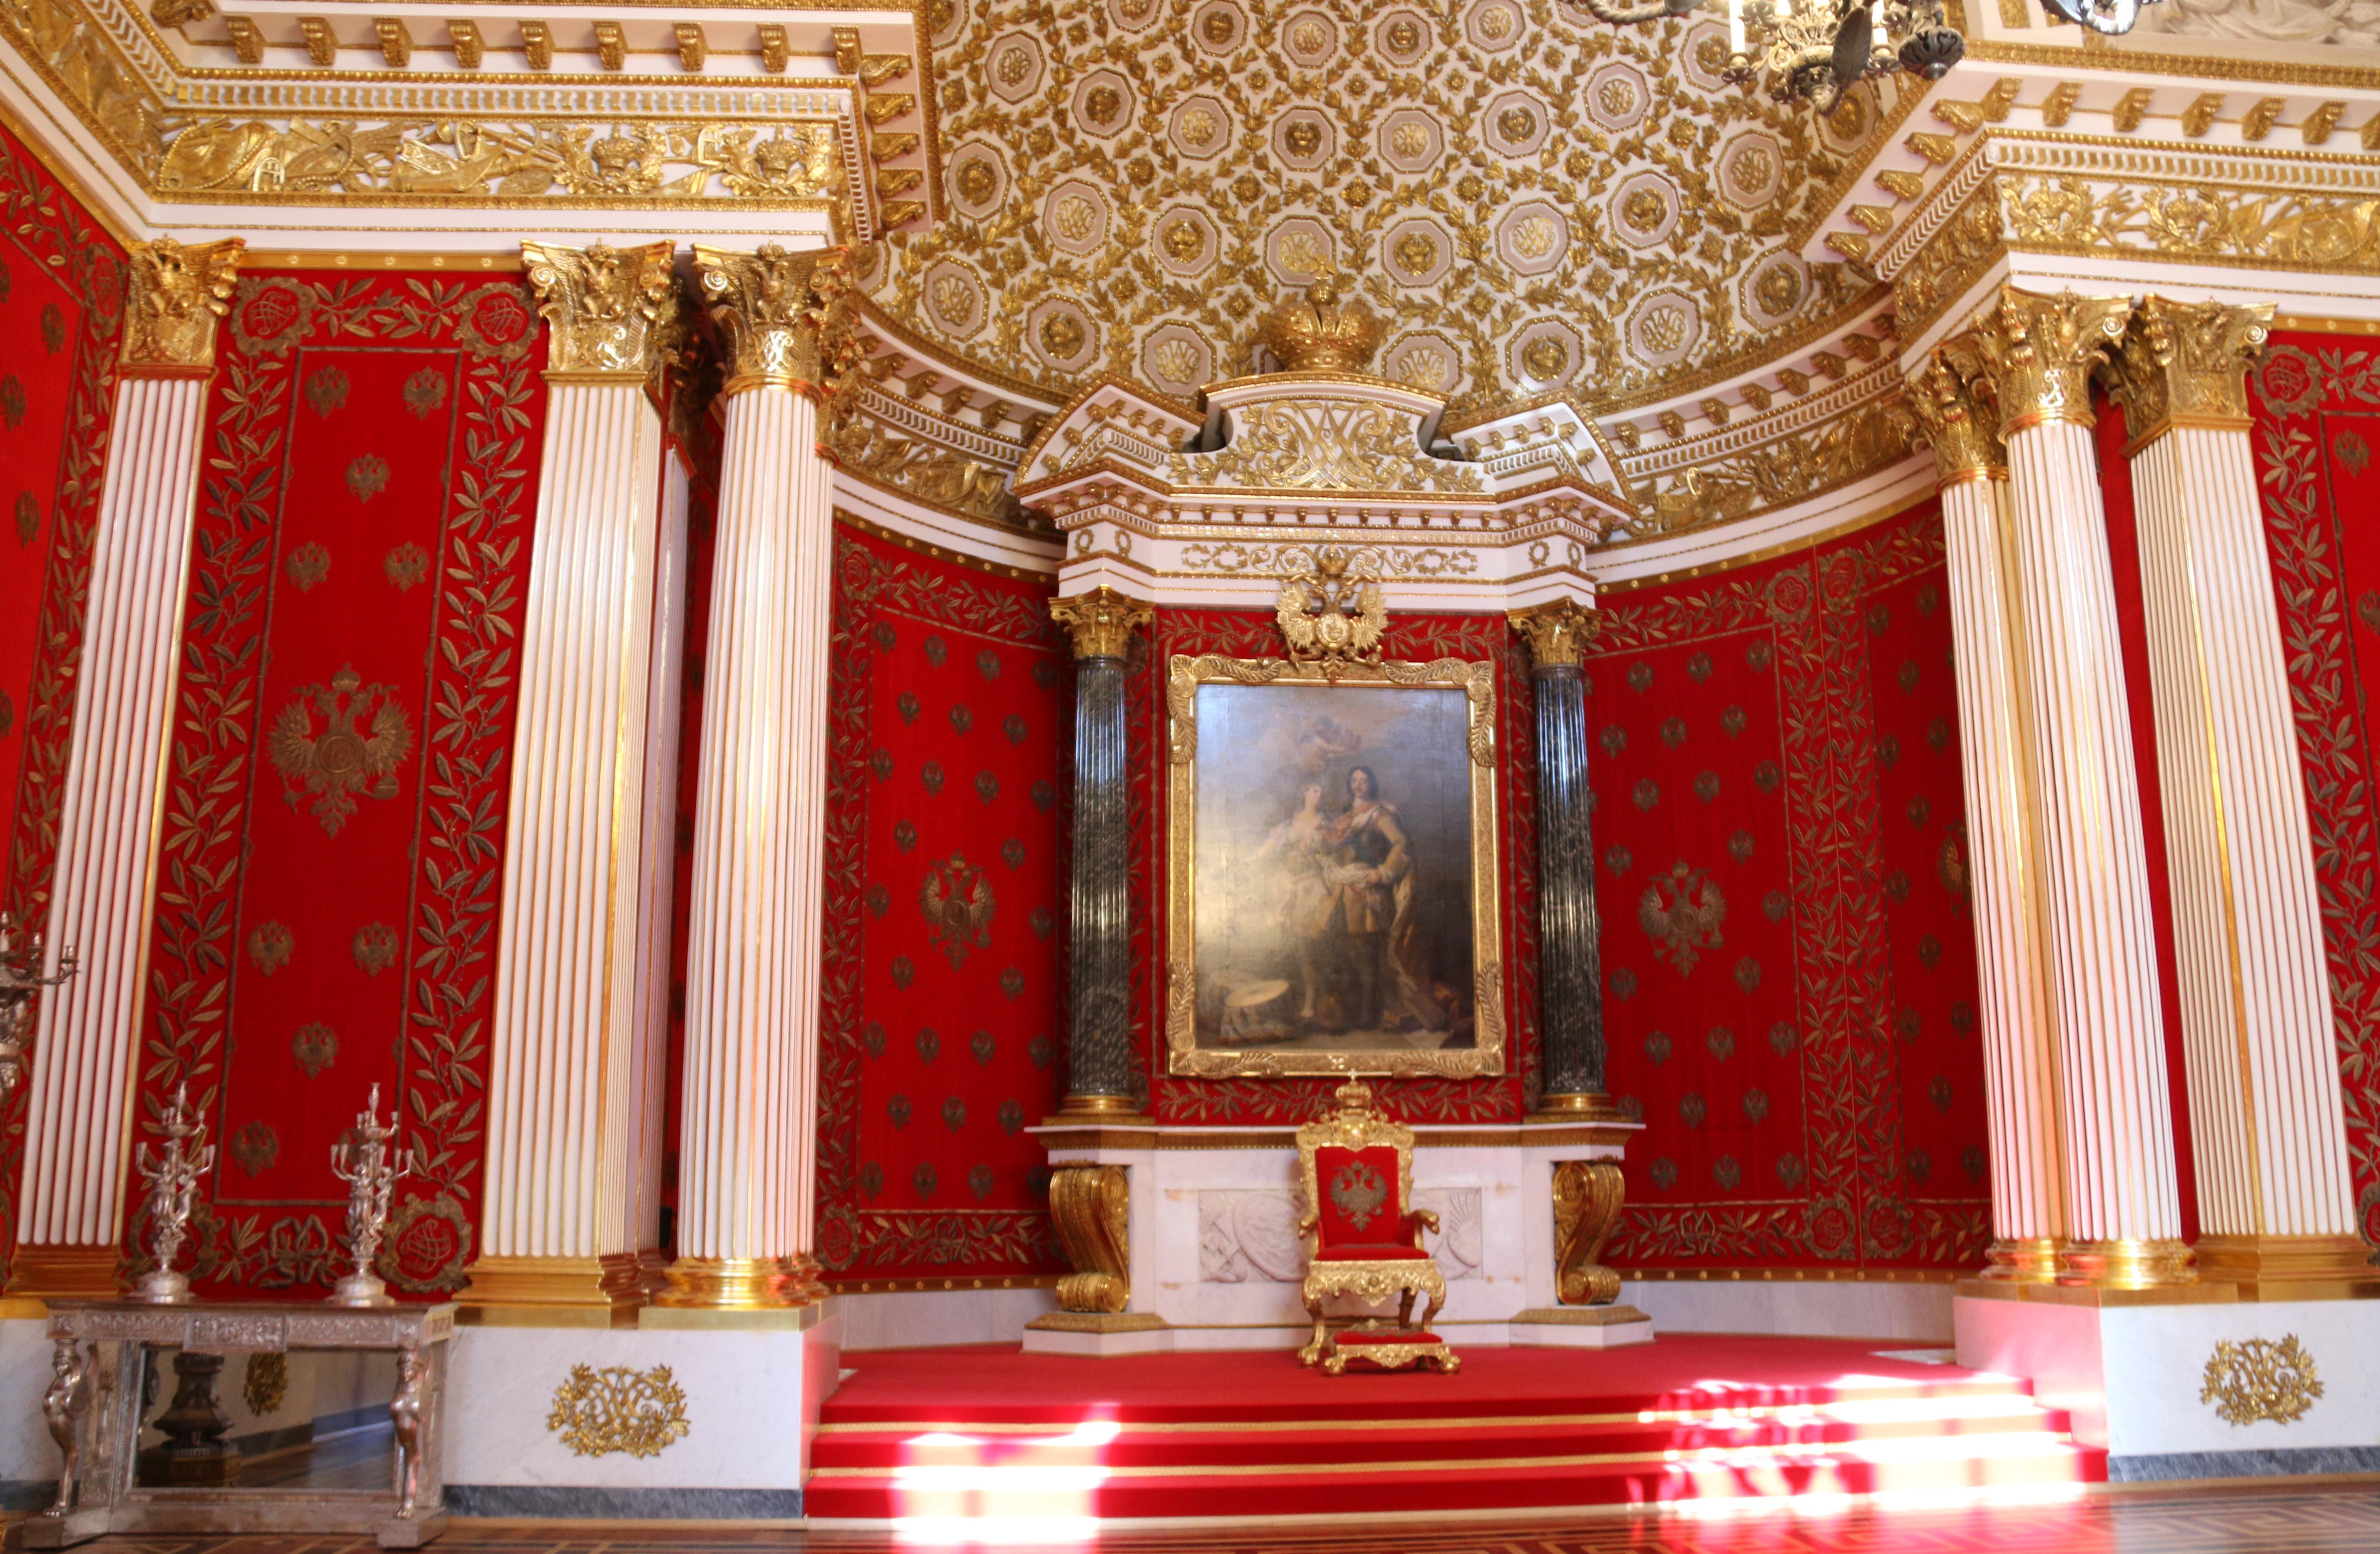 古希腊,罗马部,东方民族文化部,俄罗斯文化史部,古钱币部,西欧艺术部图片